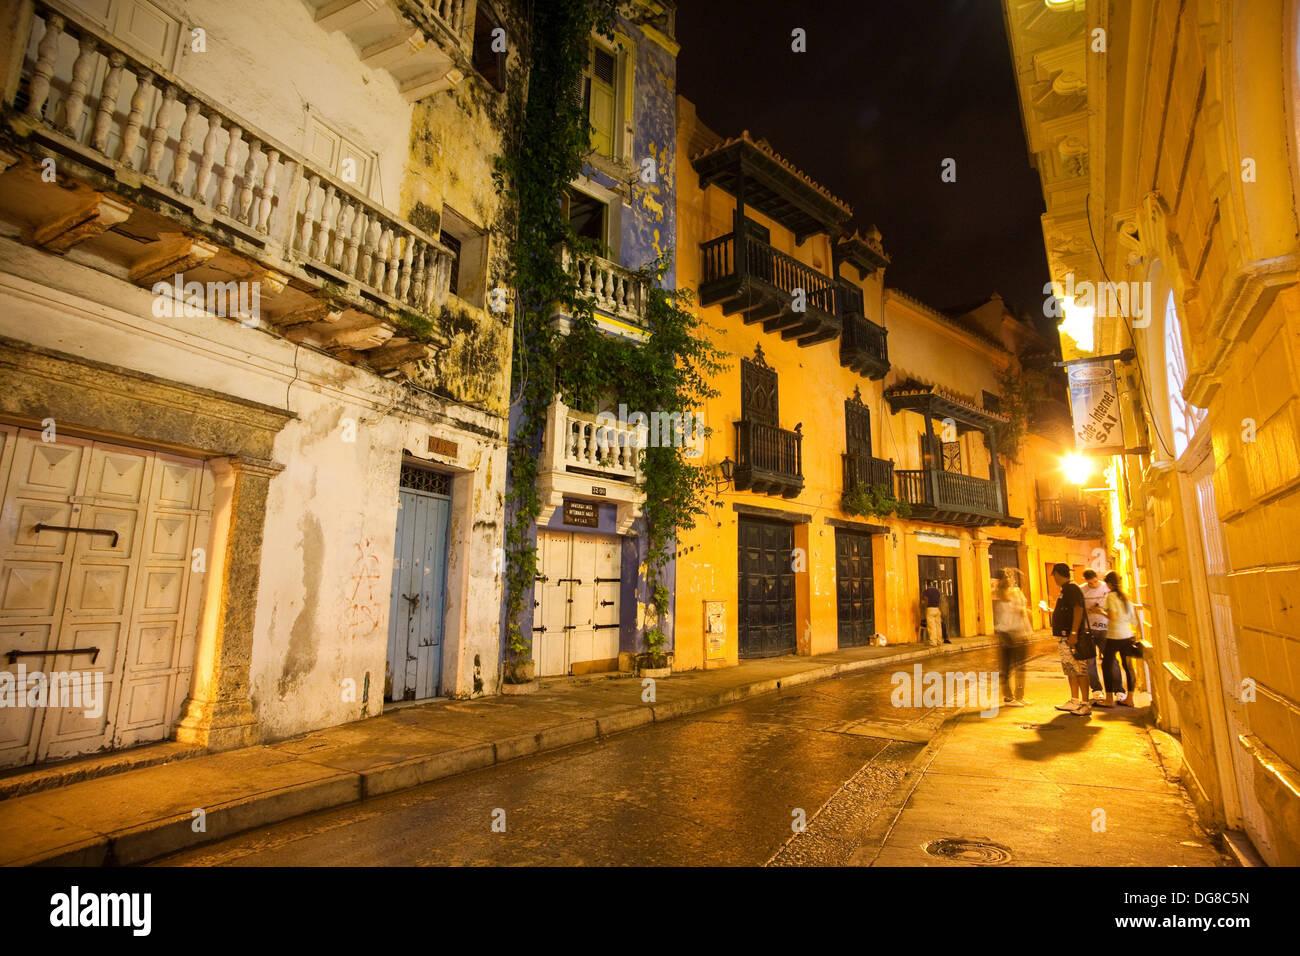 Nightime in Cartagena de Indias, Colombia - Stock Image